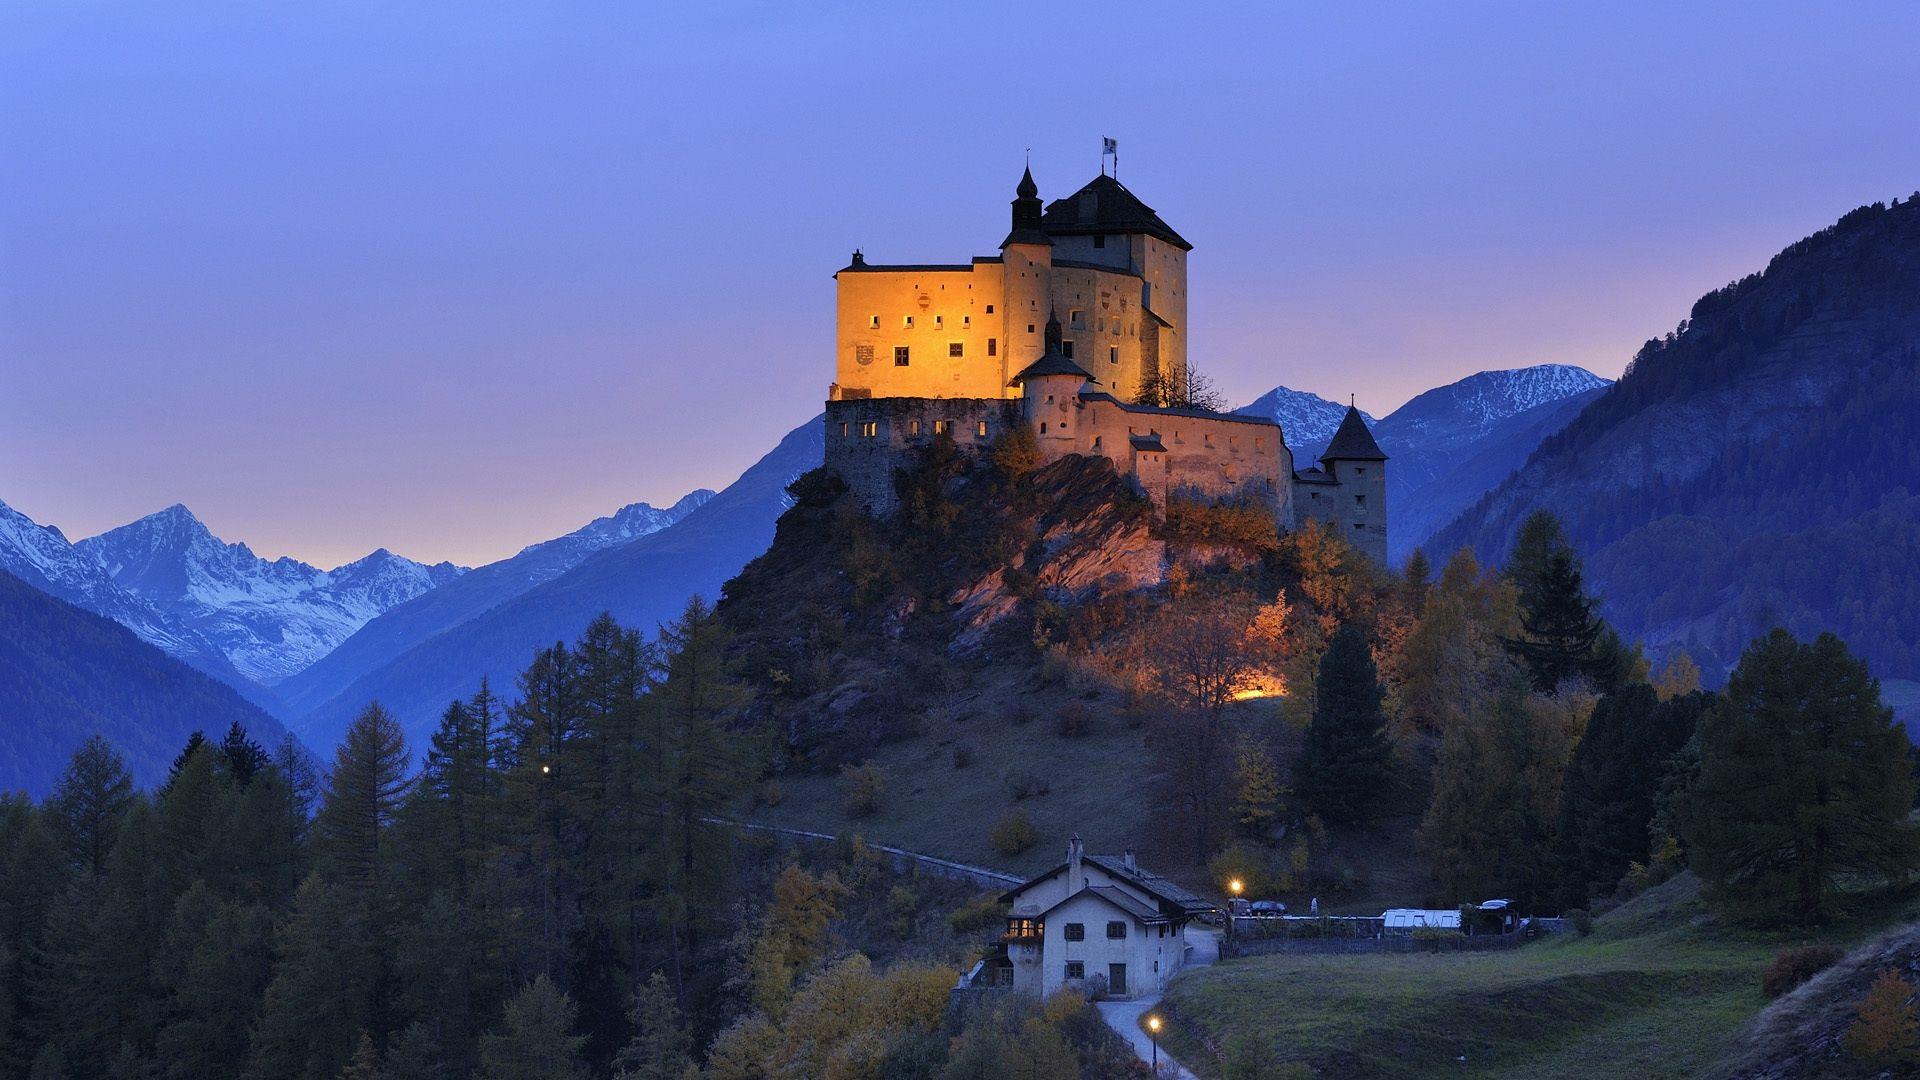 Замок на холме анонимно